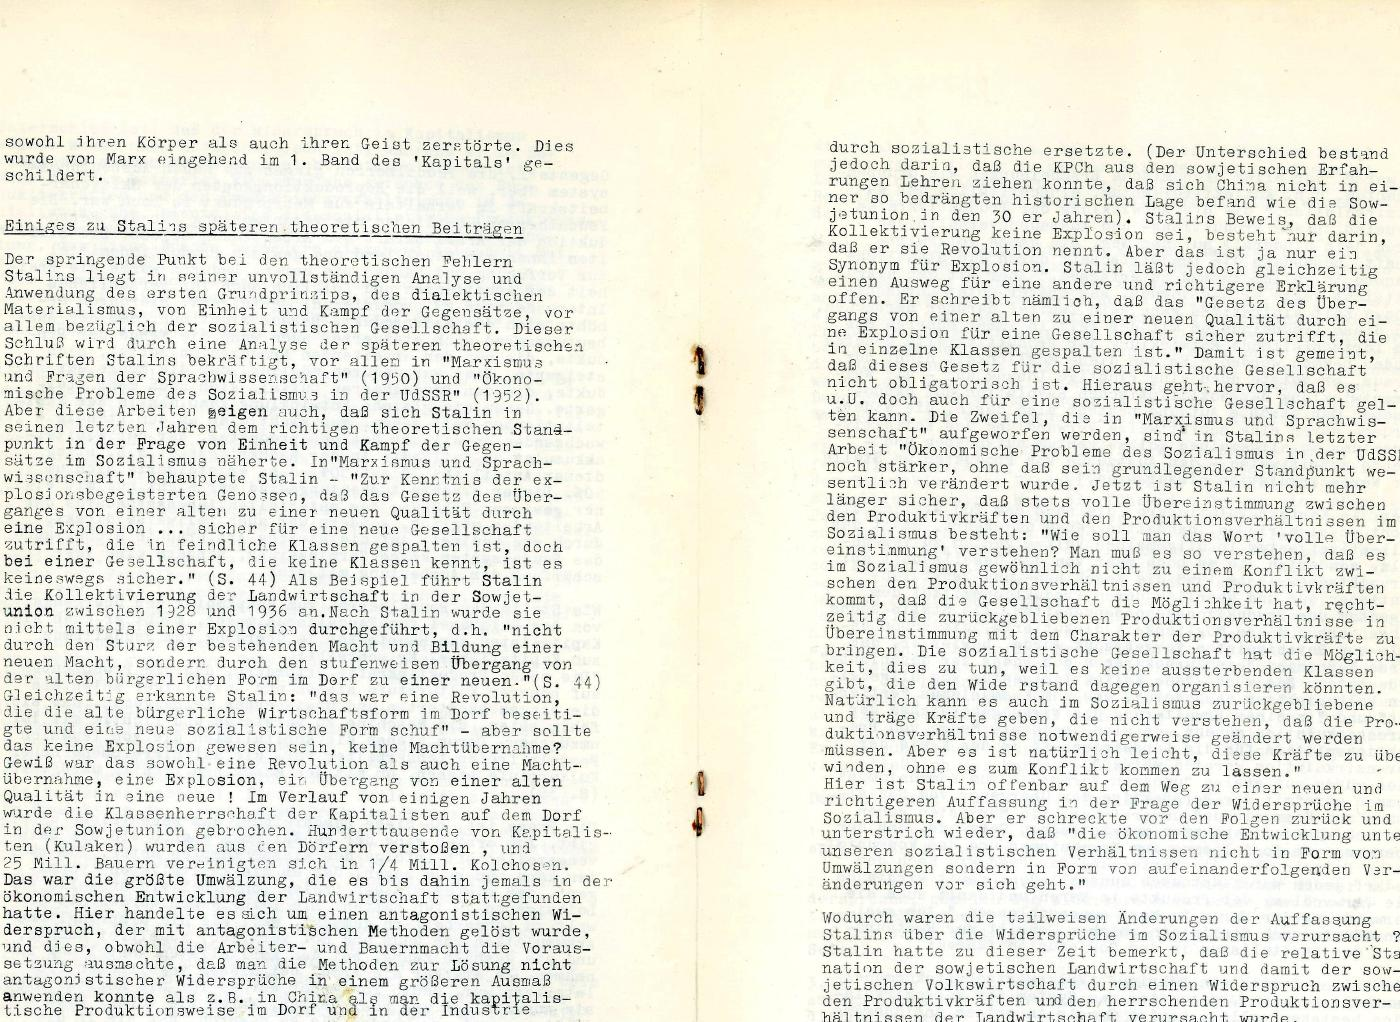 KPDML_1970_Gustafsson_Stalin_08